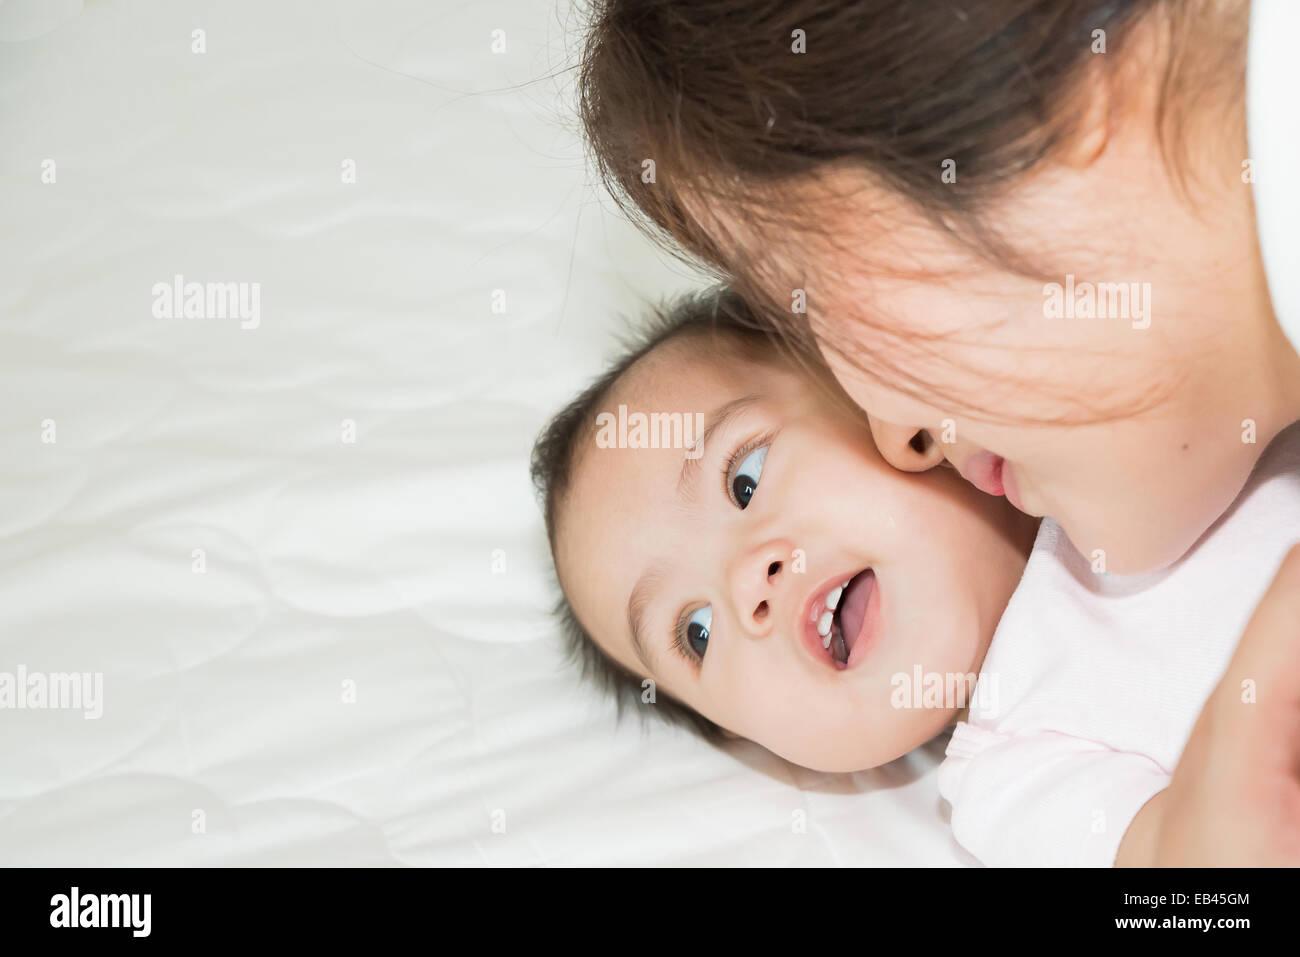 Glückliche Familie fröhlich. Asiatische Mutter und Baby küssen, lachen und umarmen Stockbild